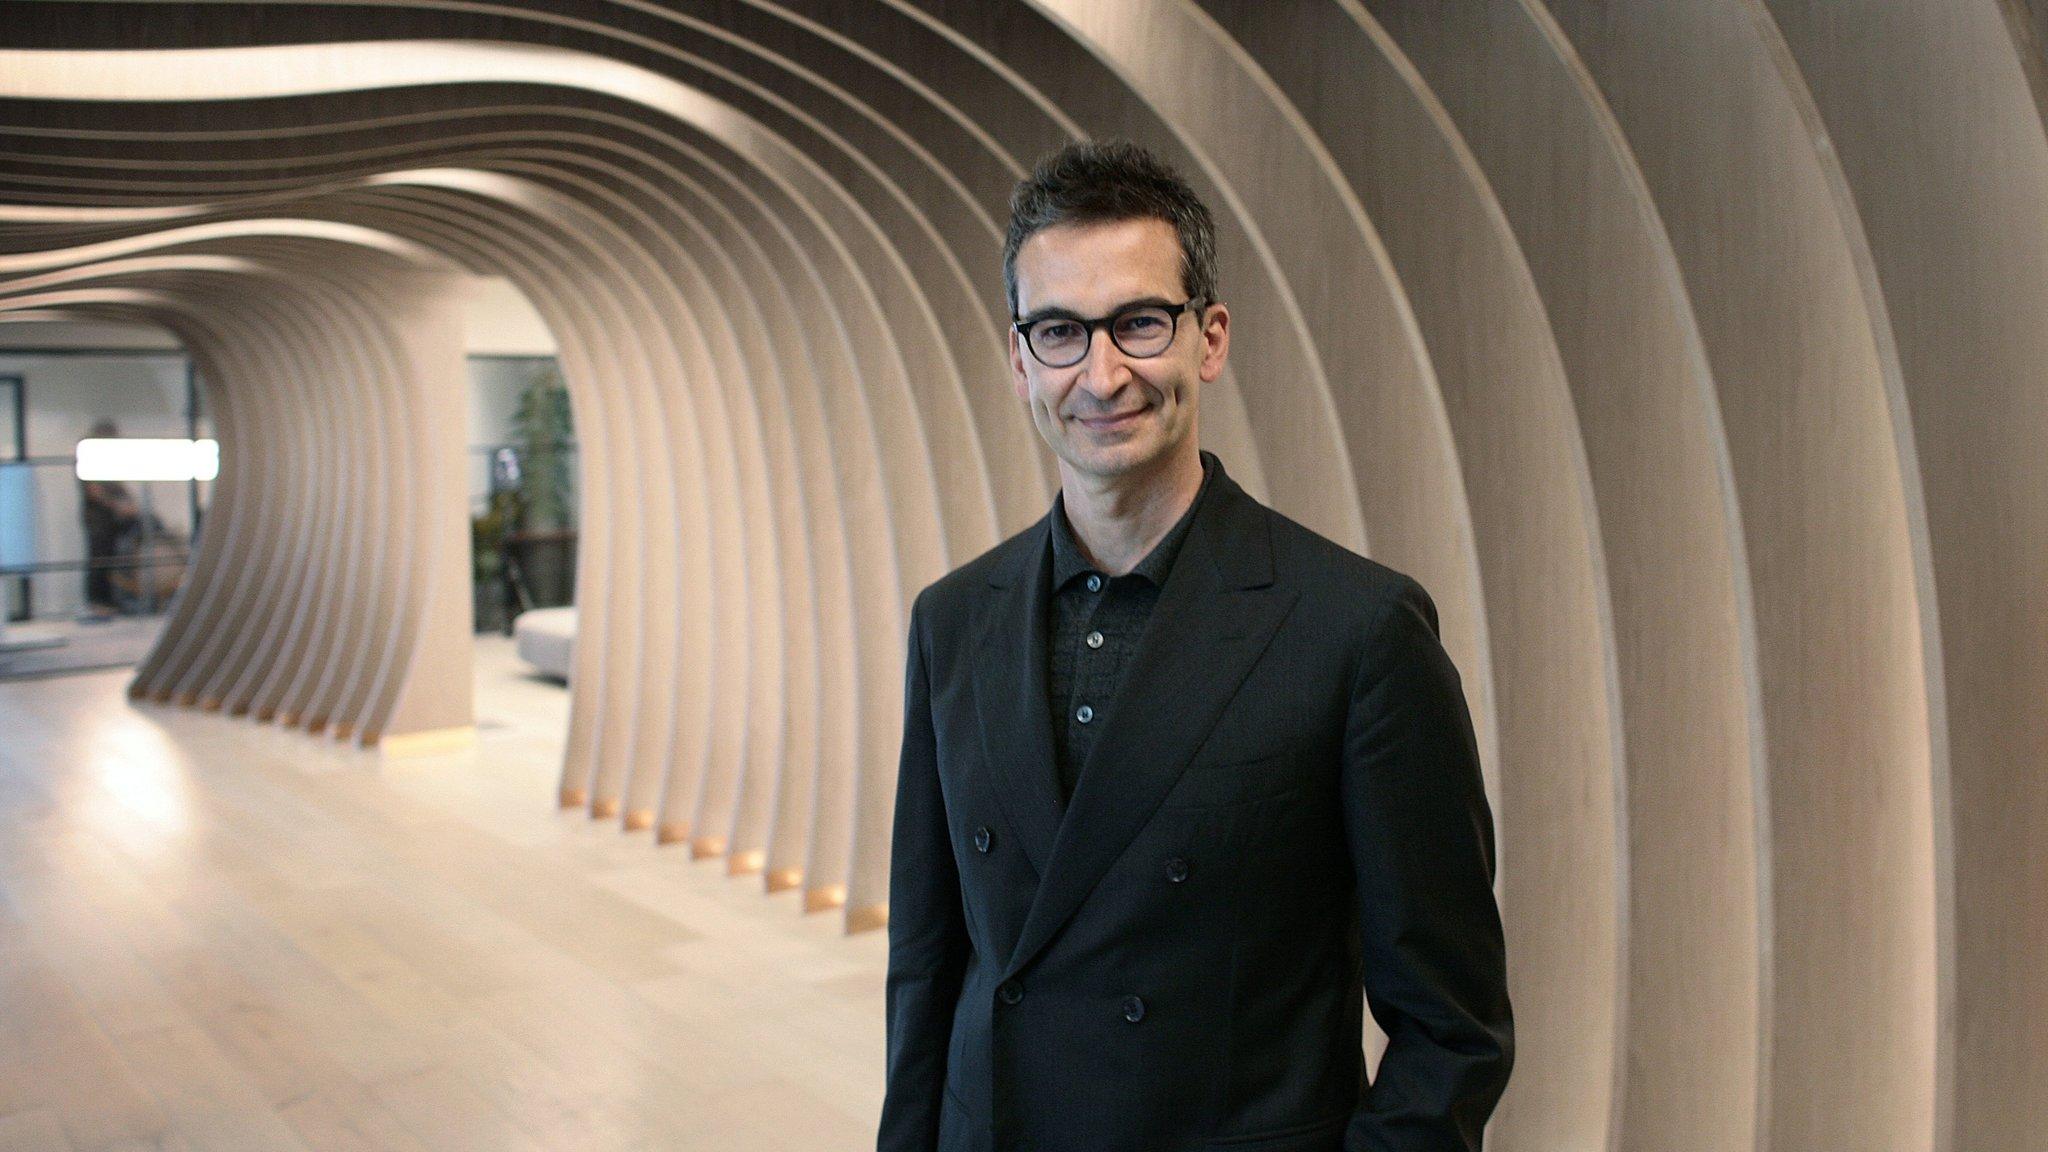 Federico Marchetti, YNAP CEO